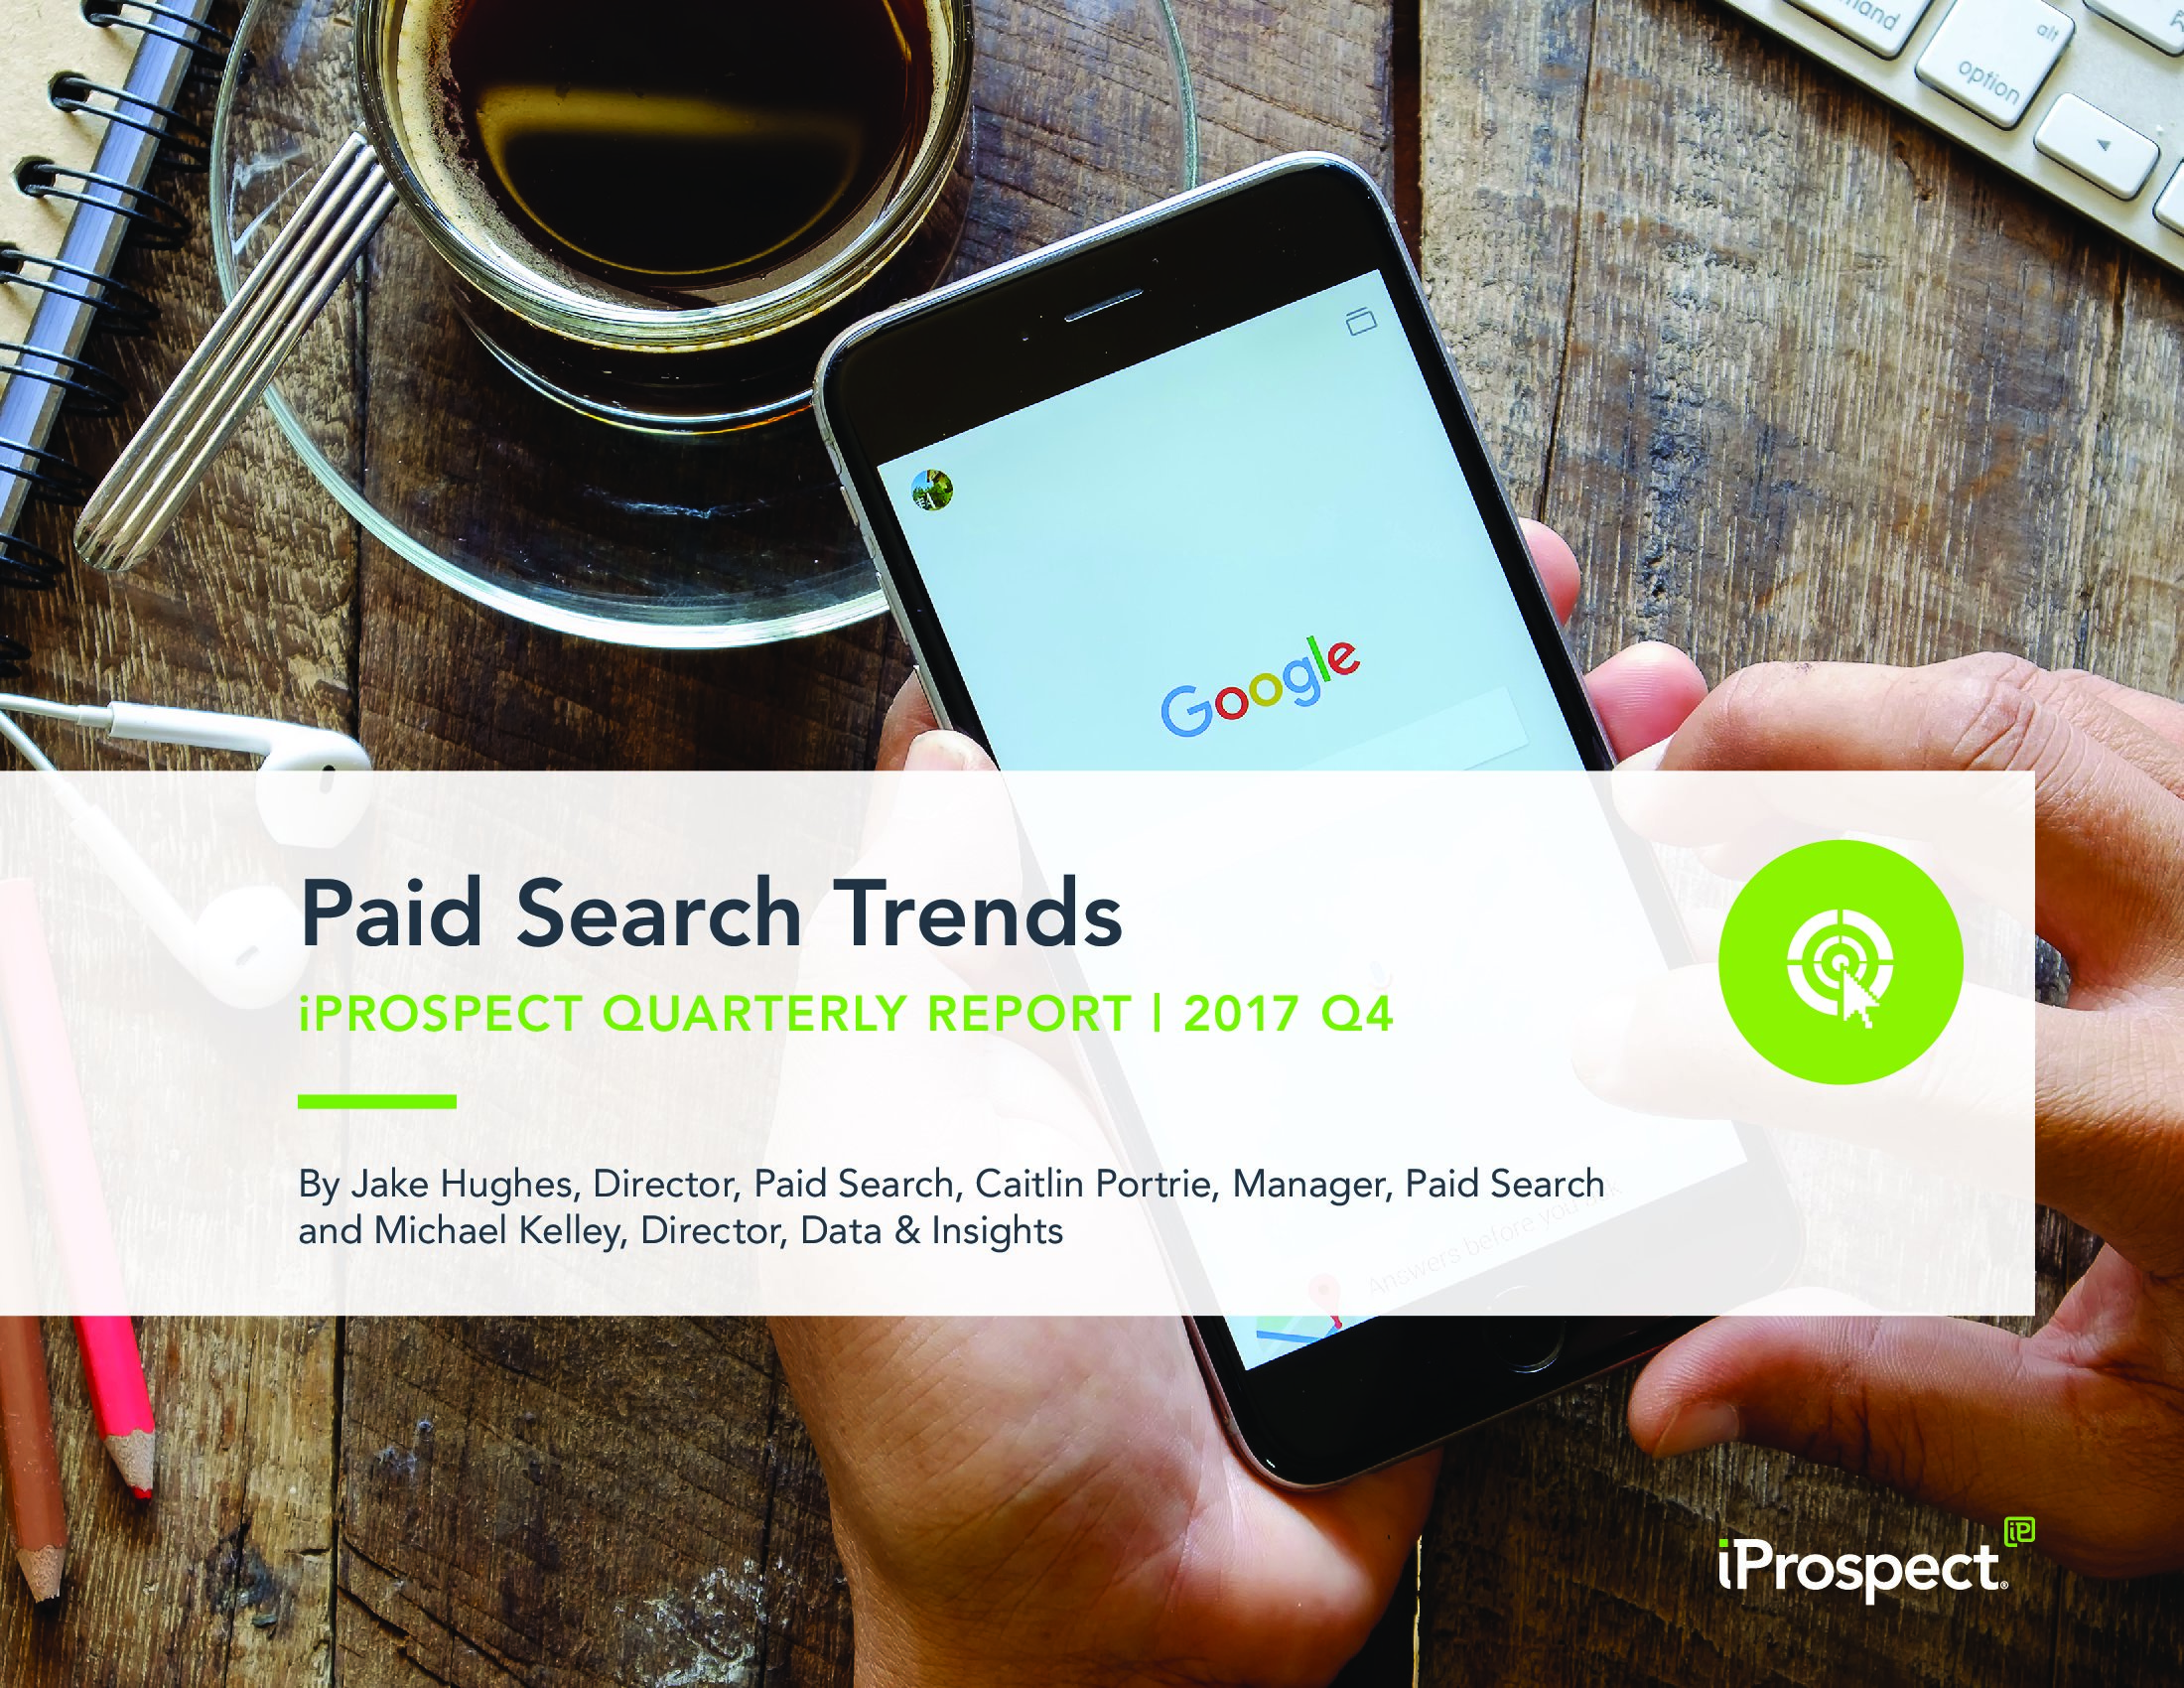 iPROSPECT:2017年Q4付费搜索广告趋势报告